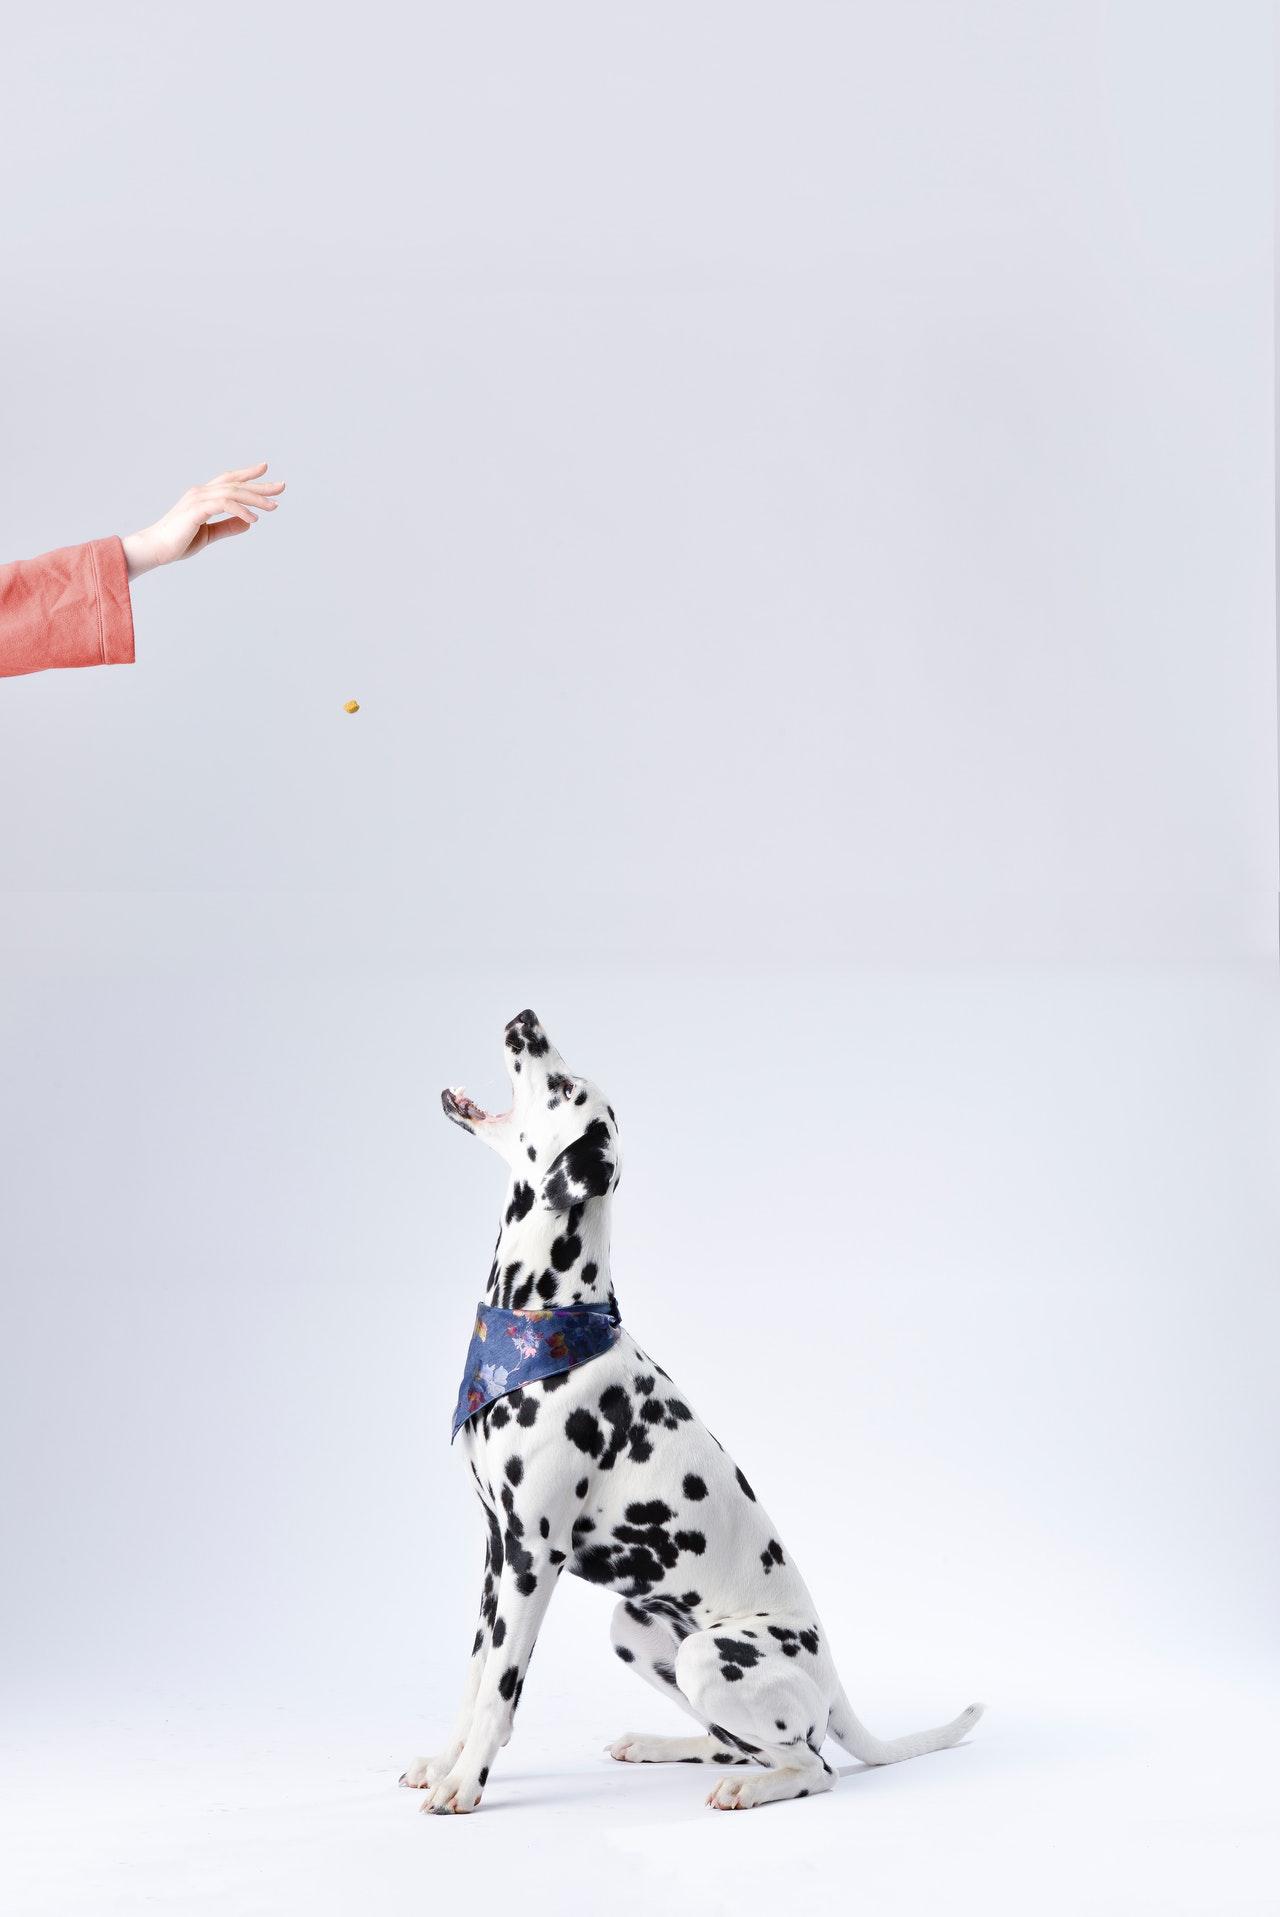 Zaopatrz swojego psa w pełni, stawiając na zestawy psich akcesoriów